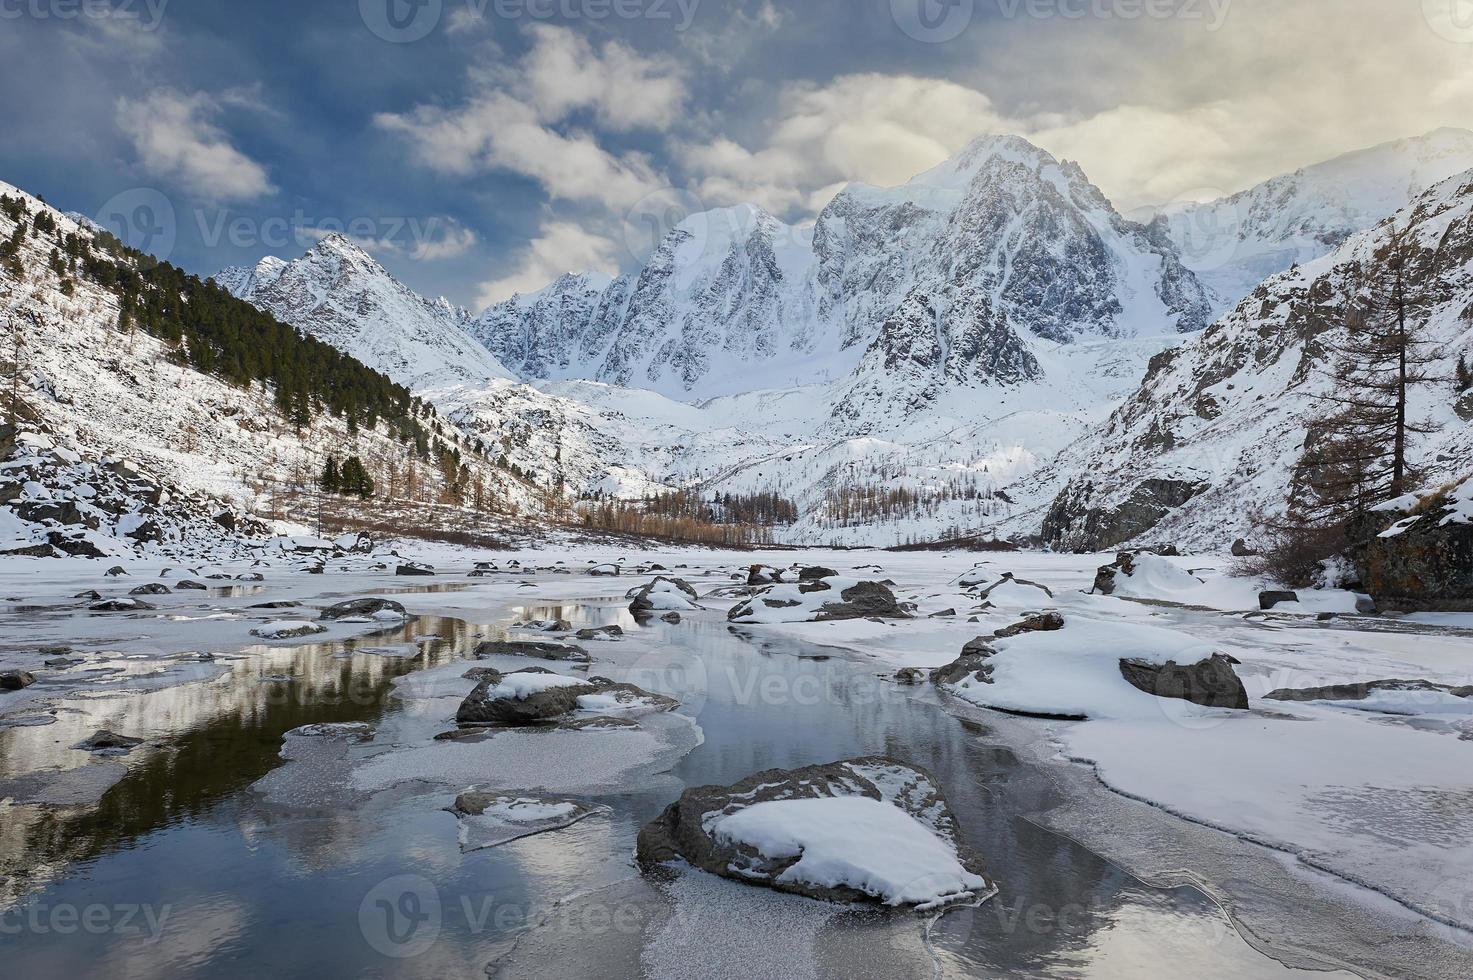 prachtige winterlandschap, Altai gebergte Rusland. foto